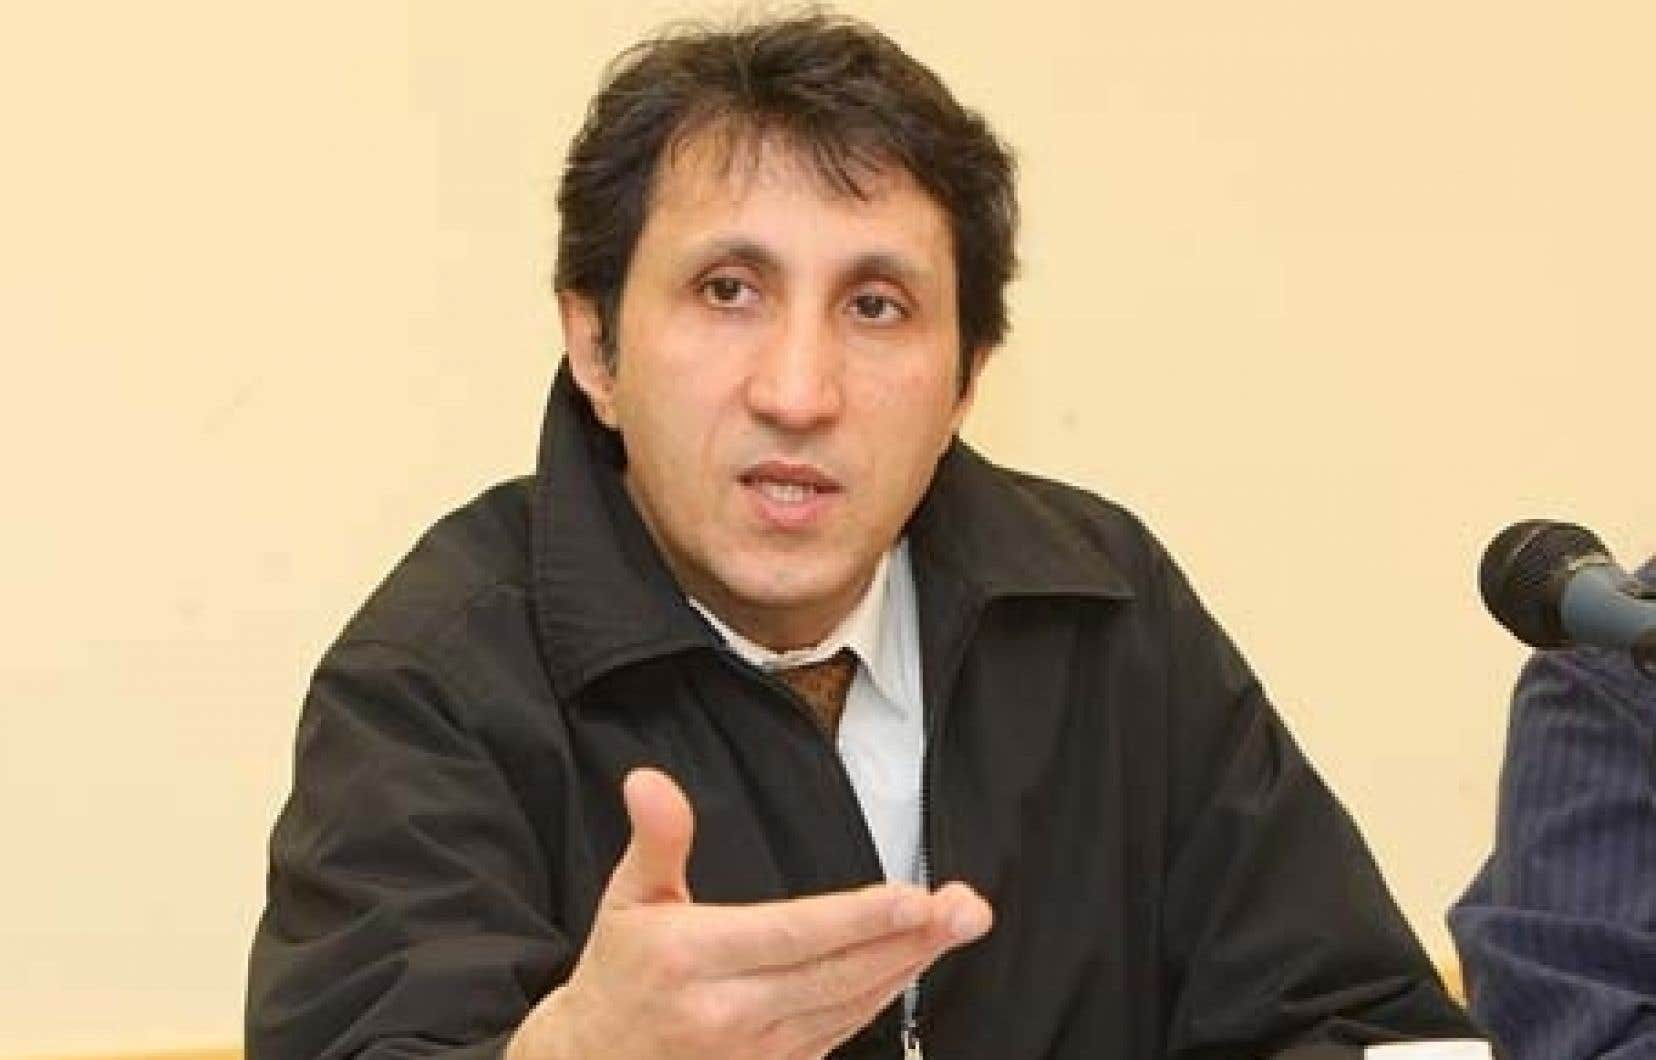 Selon M. Khadir, les déclarations de M. Michaud n'étaient en rien antisémites.